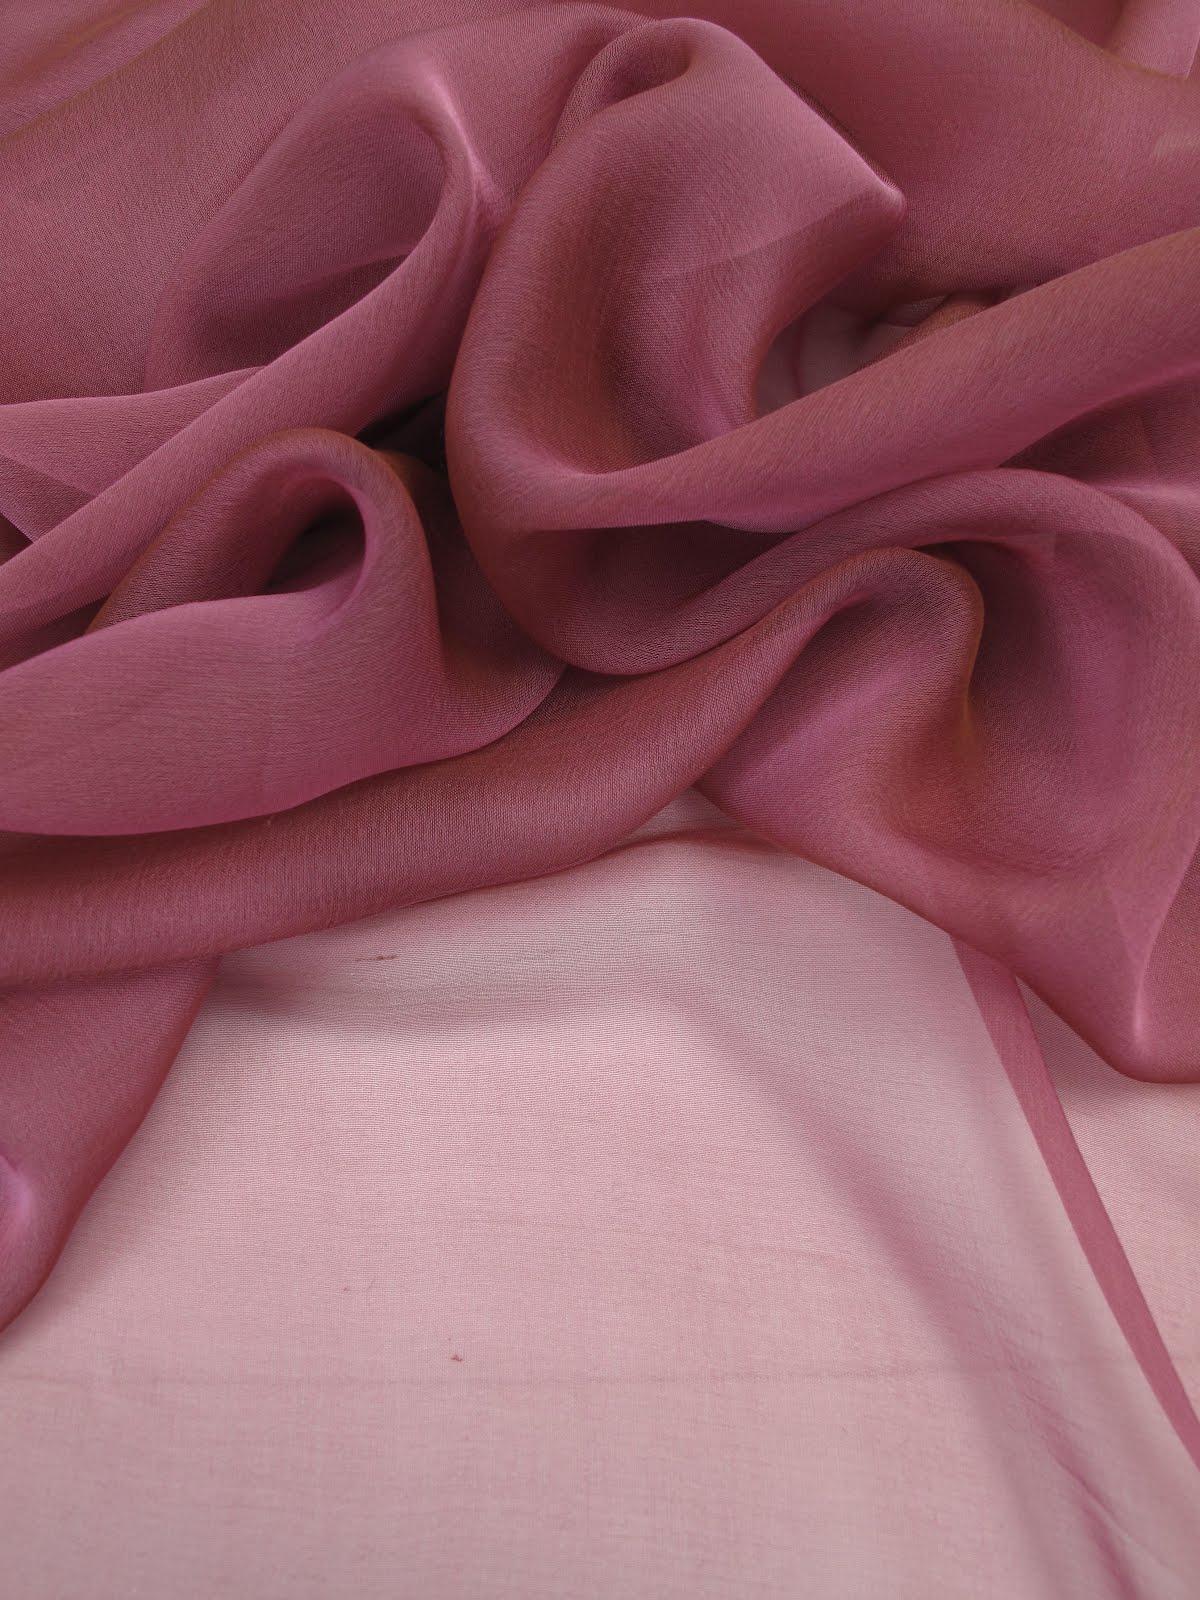 tissu mousseline de soie tissu mousseline soie sur enperdresonlapin. Black Bedroom Furniture Sets. Home Design Ideas